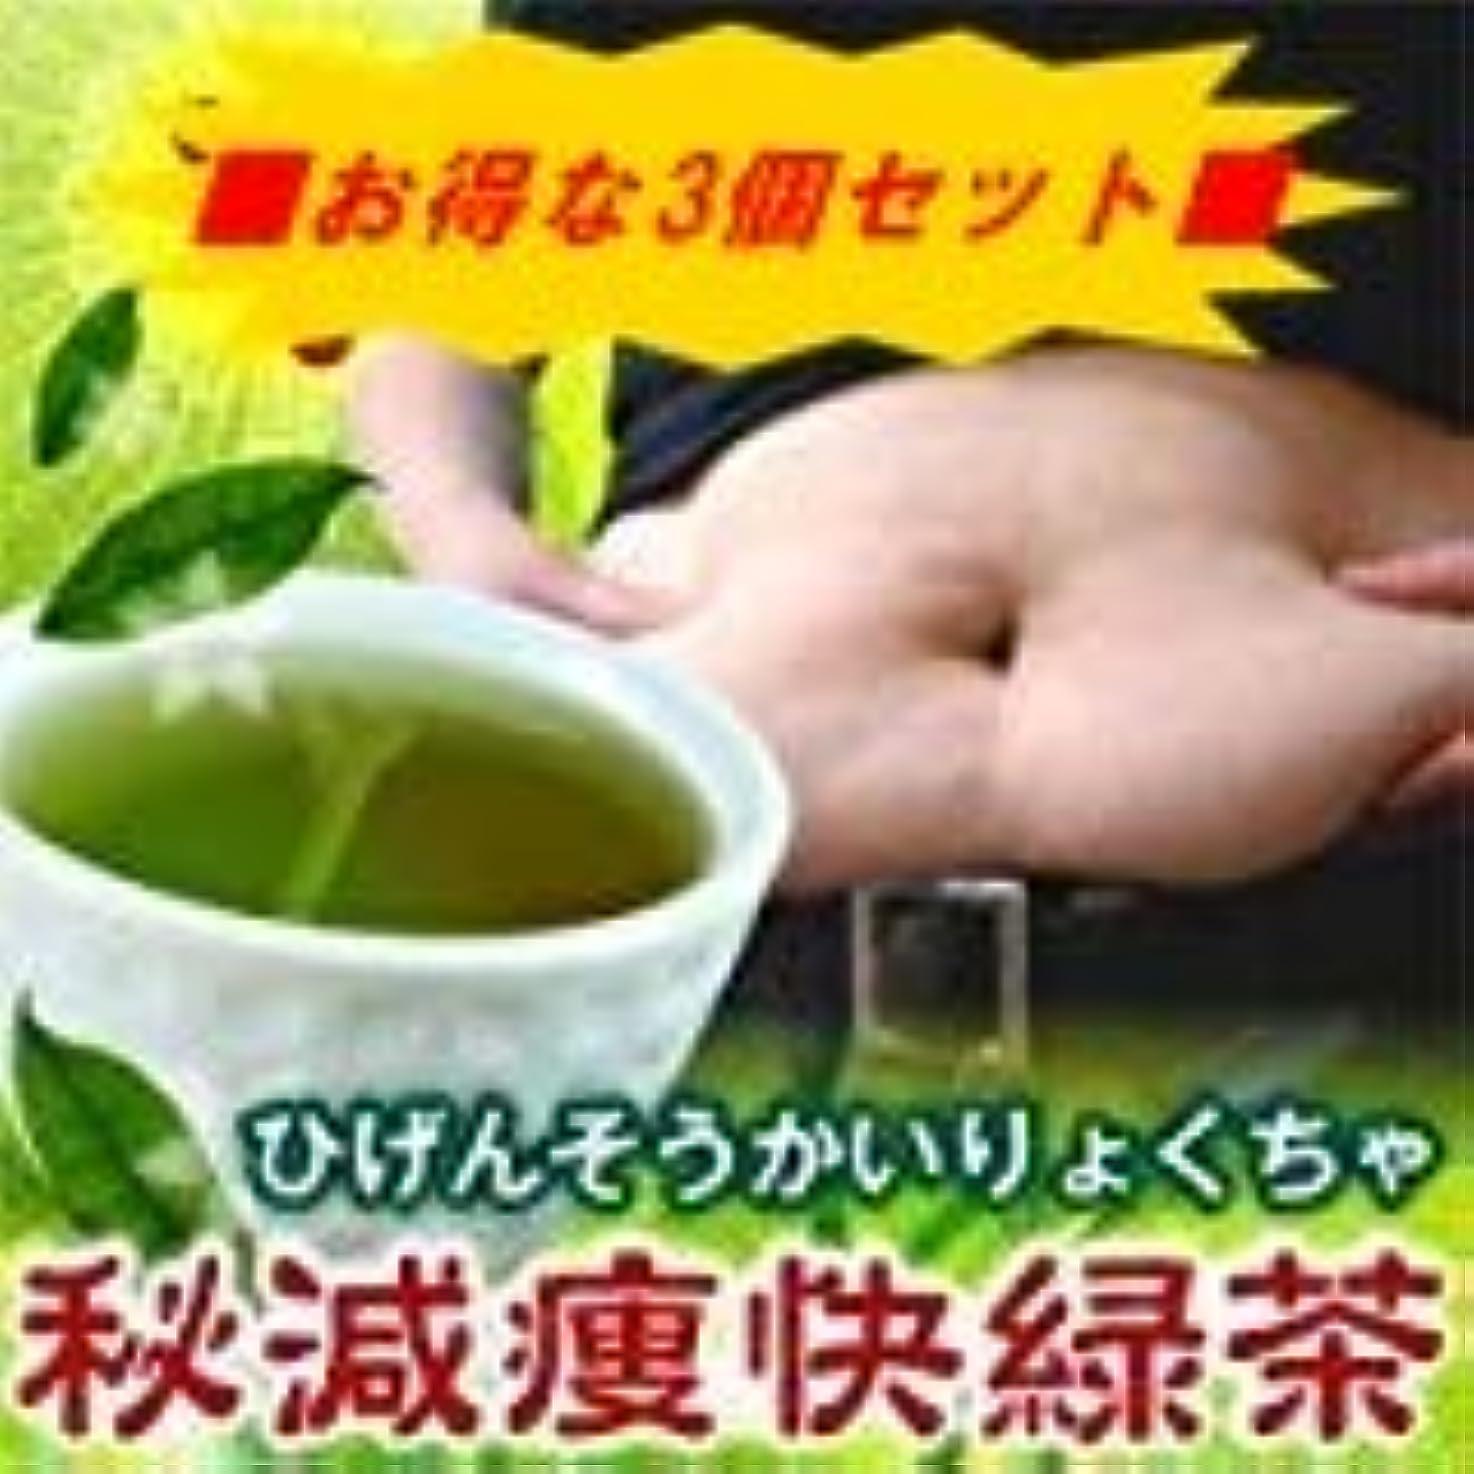 マラウイバーガー添加剤秘減痩快緑茶(ひげんそうかいりょくちゃ) 3個セット?